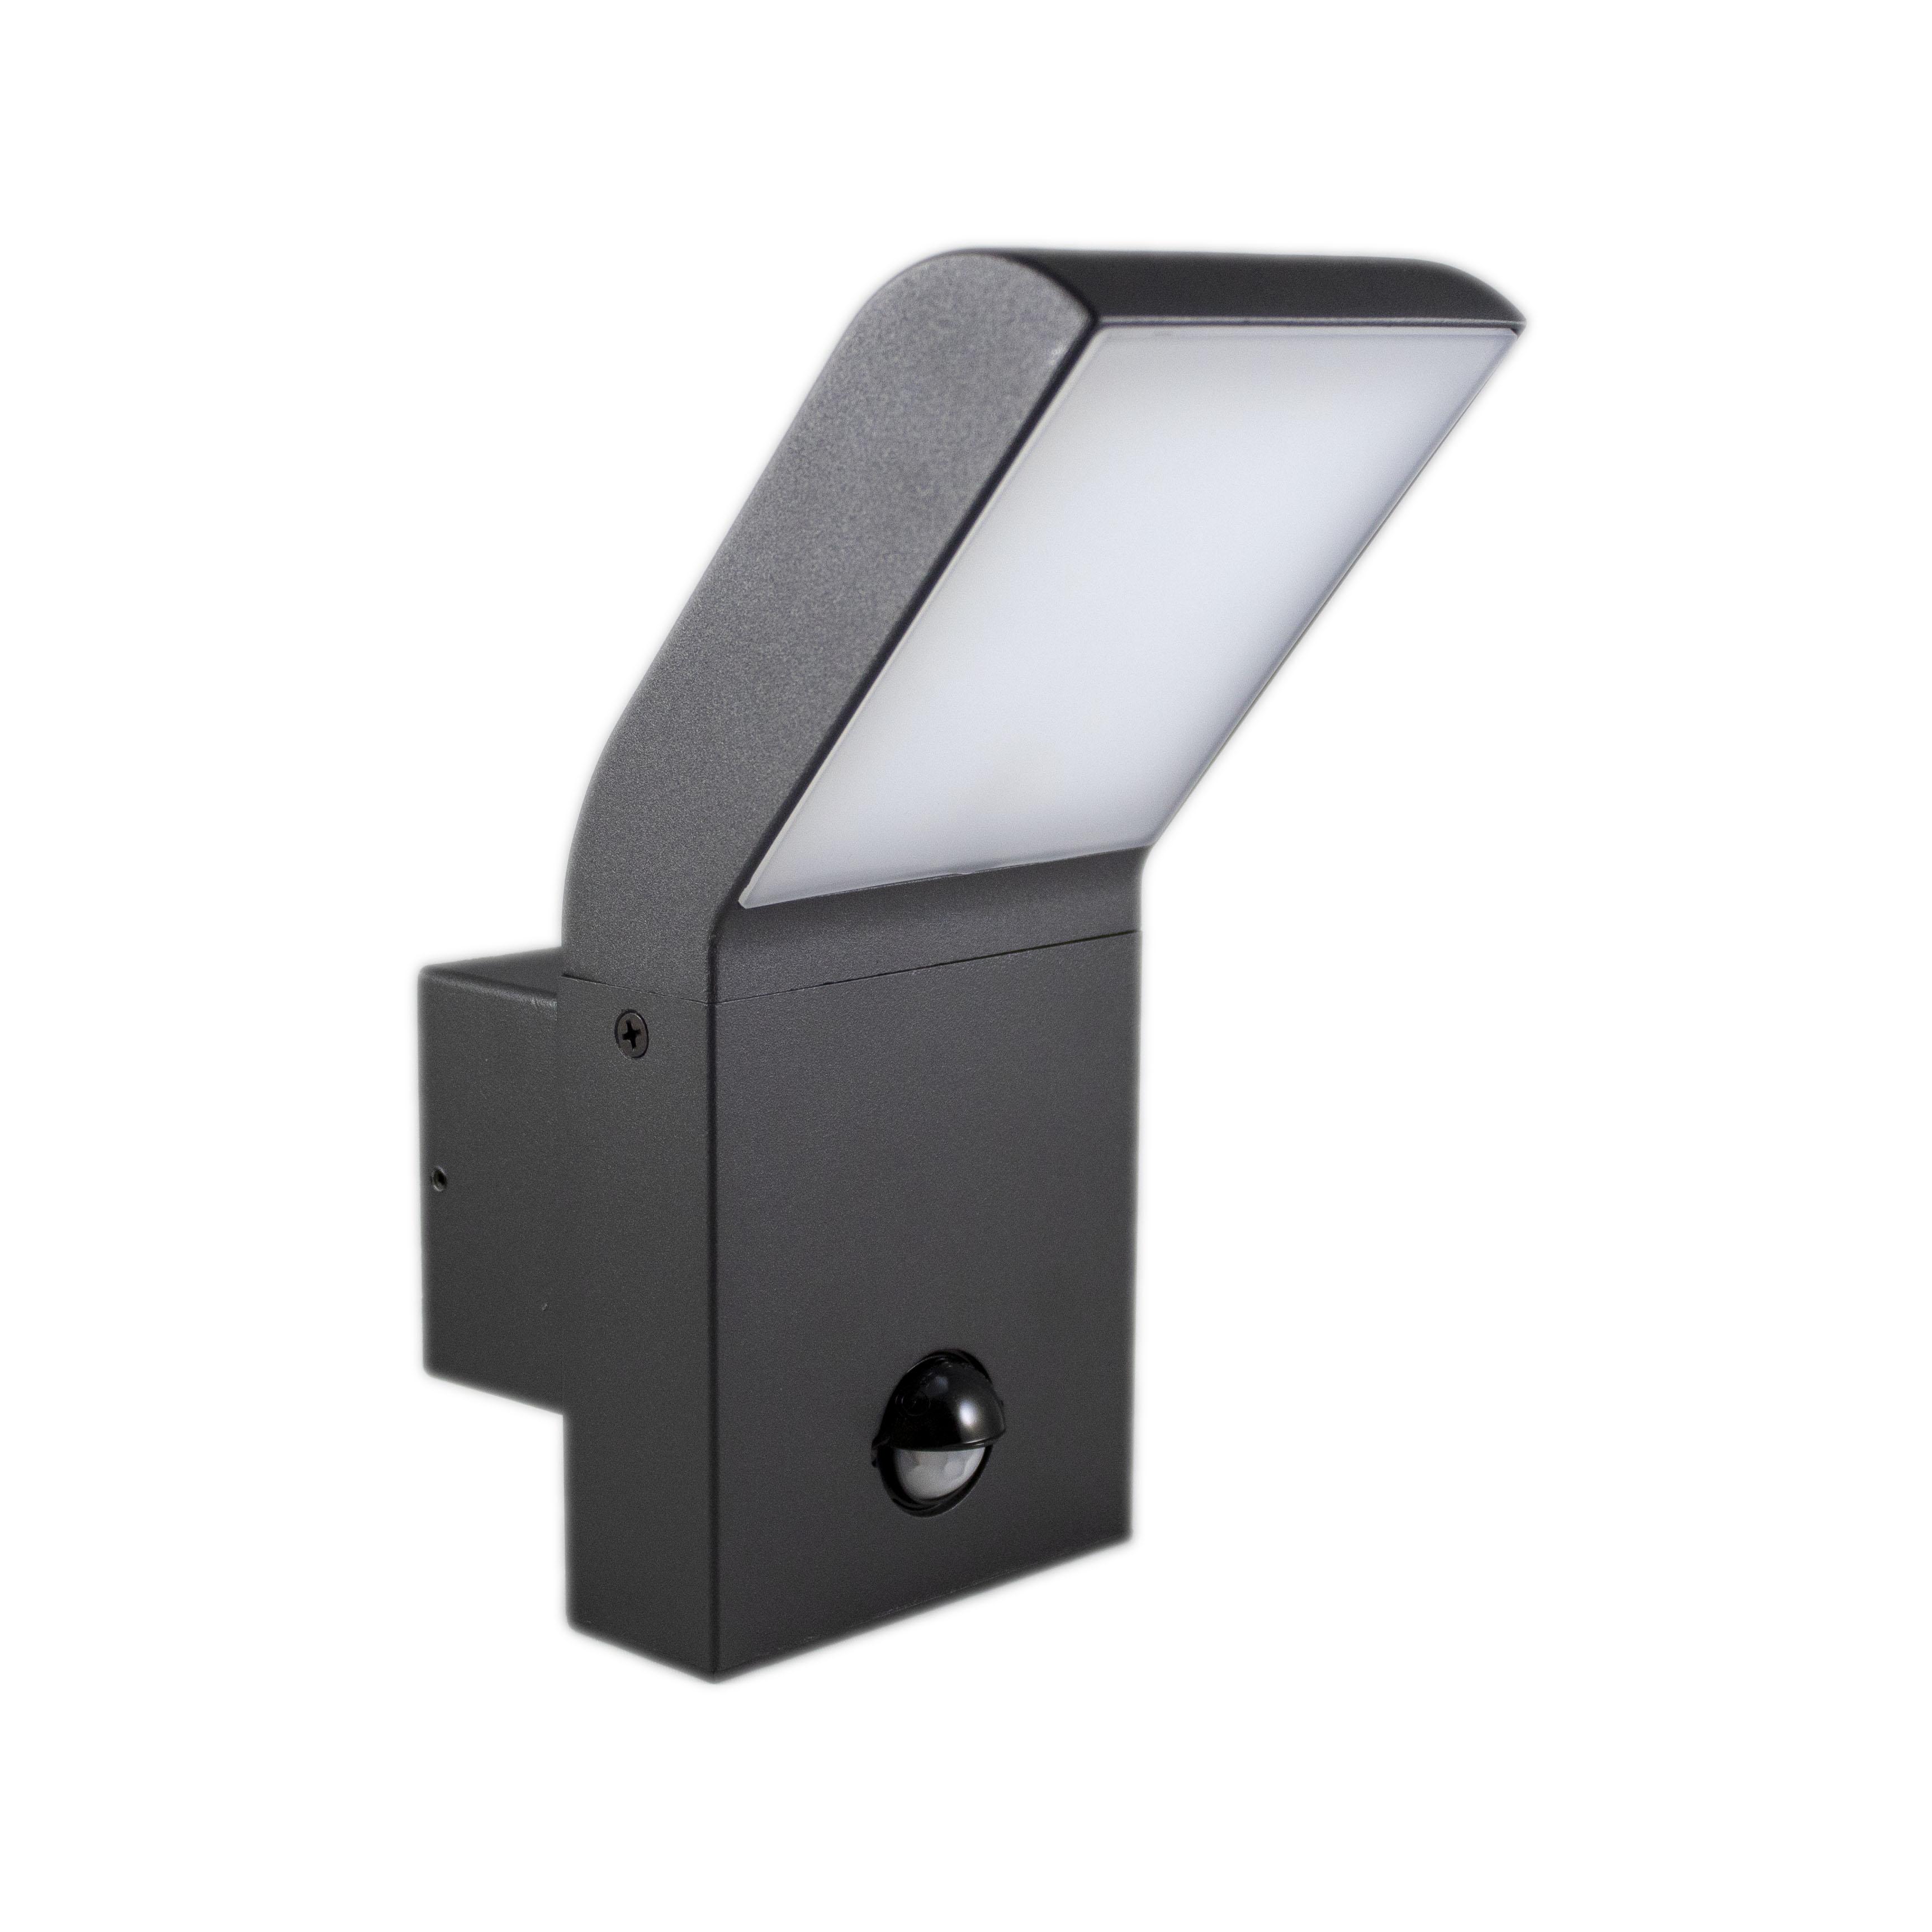 Wandlamp buiten met sensor 12 watt 4000K - naturel wit - zijaanzicht